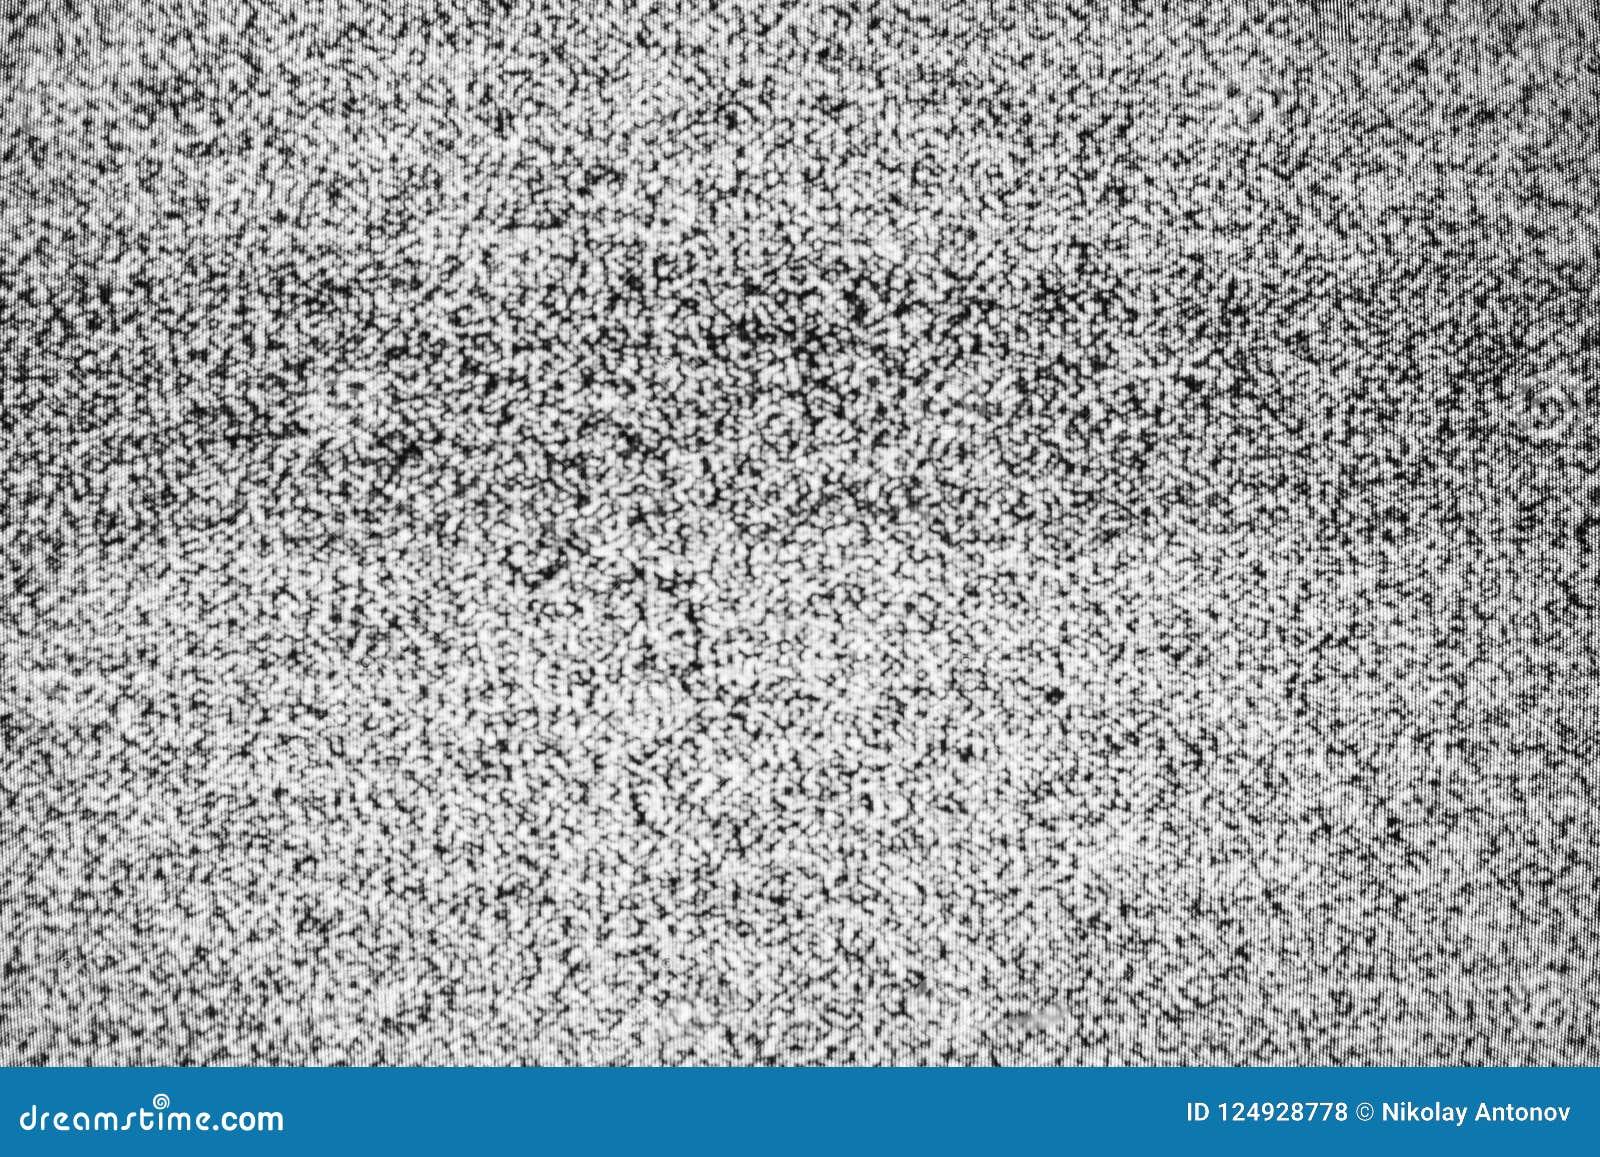 Geen textuur van signaaltv Effect van het televisie het korrelige lawaai als achtergrond Geen patroon van de signaal retro uitste